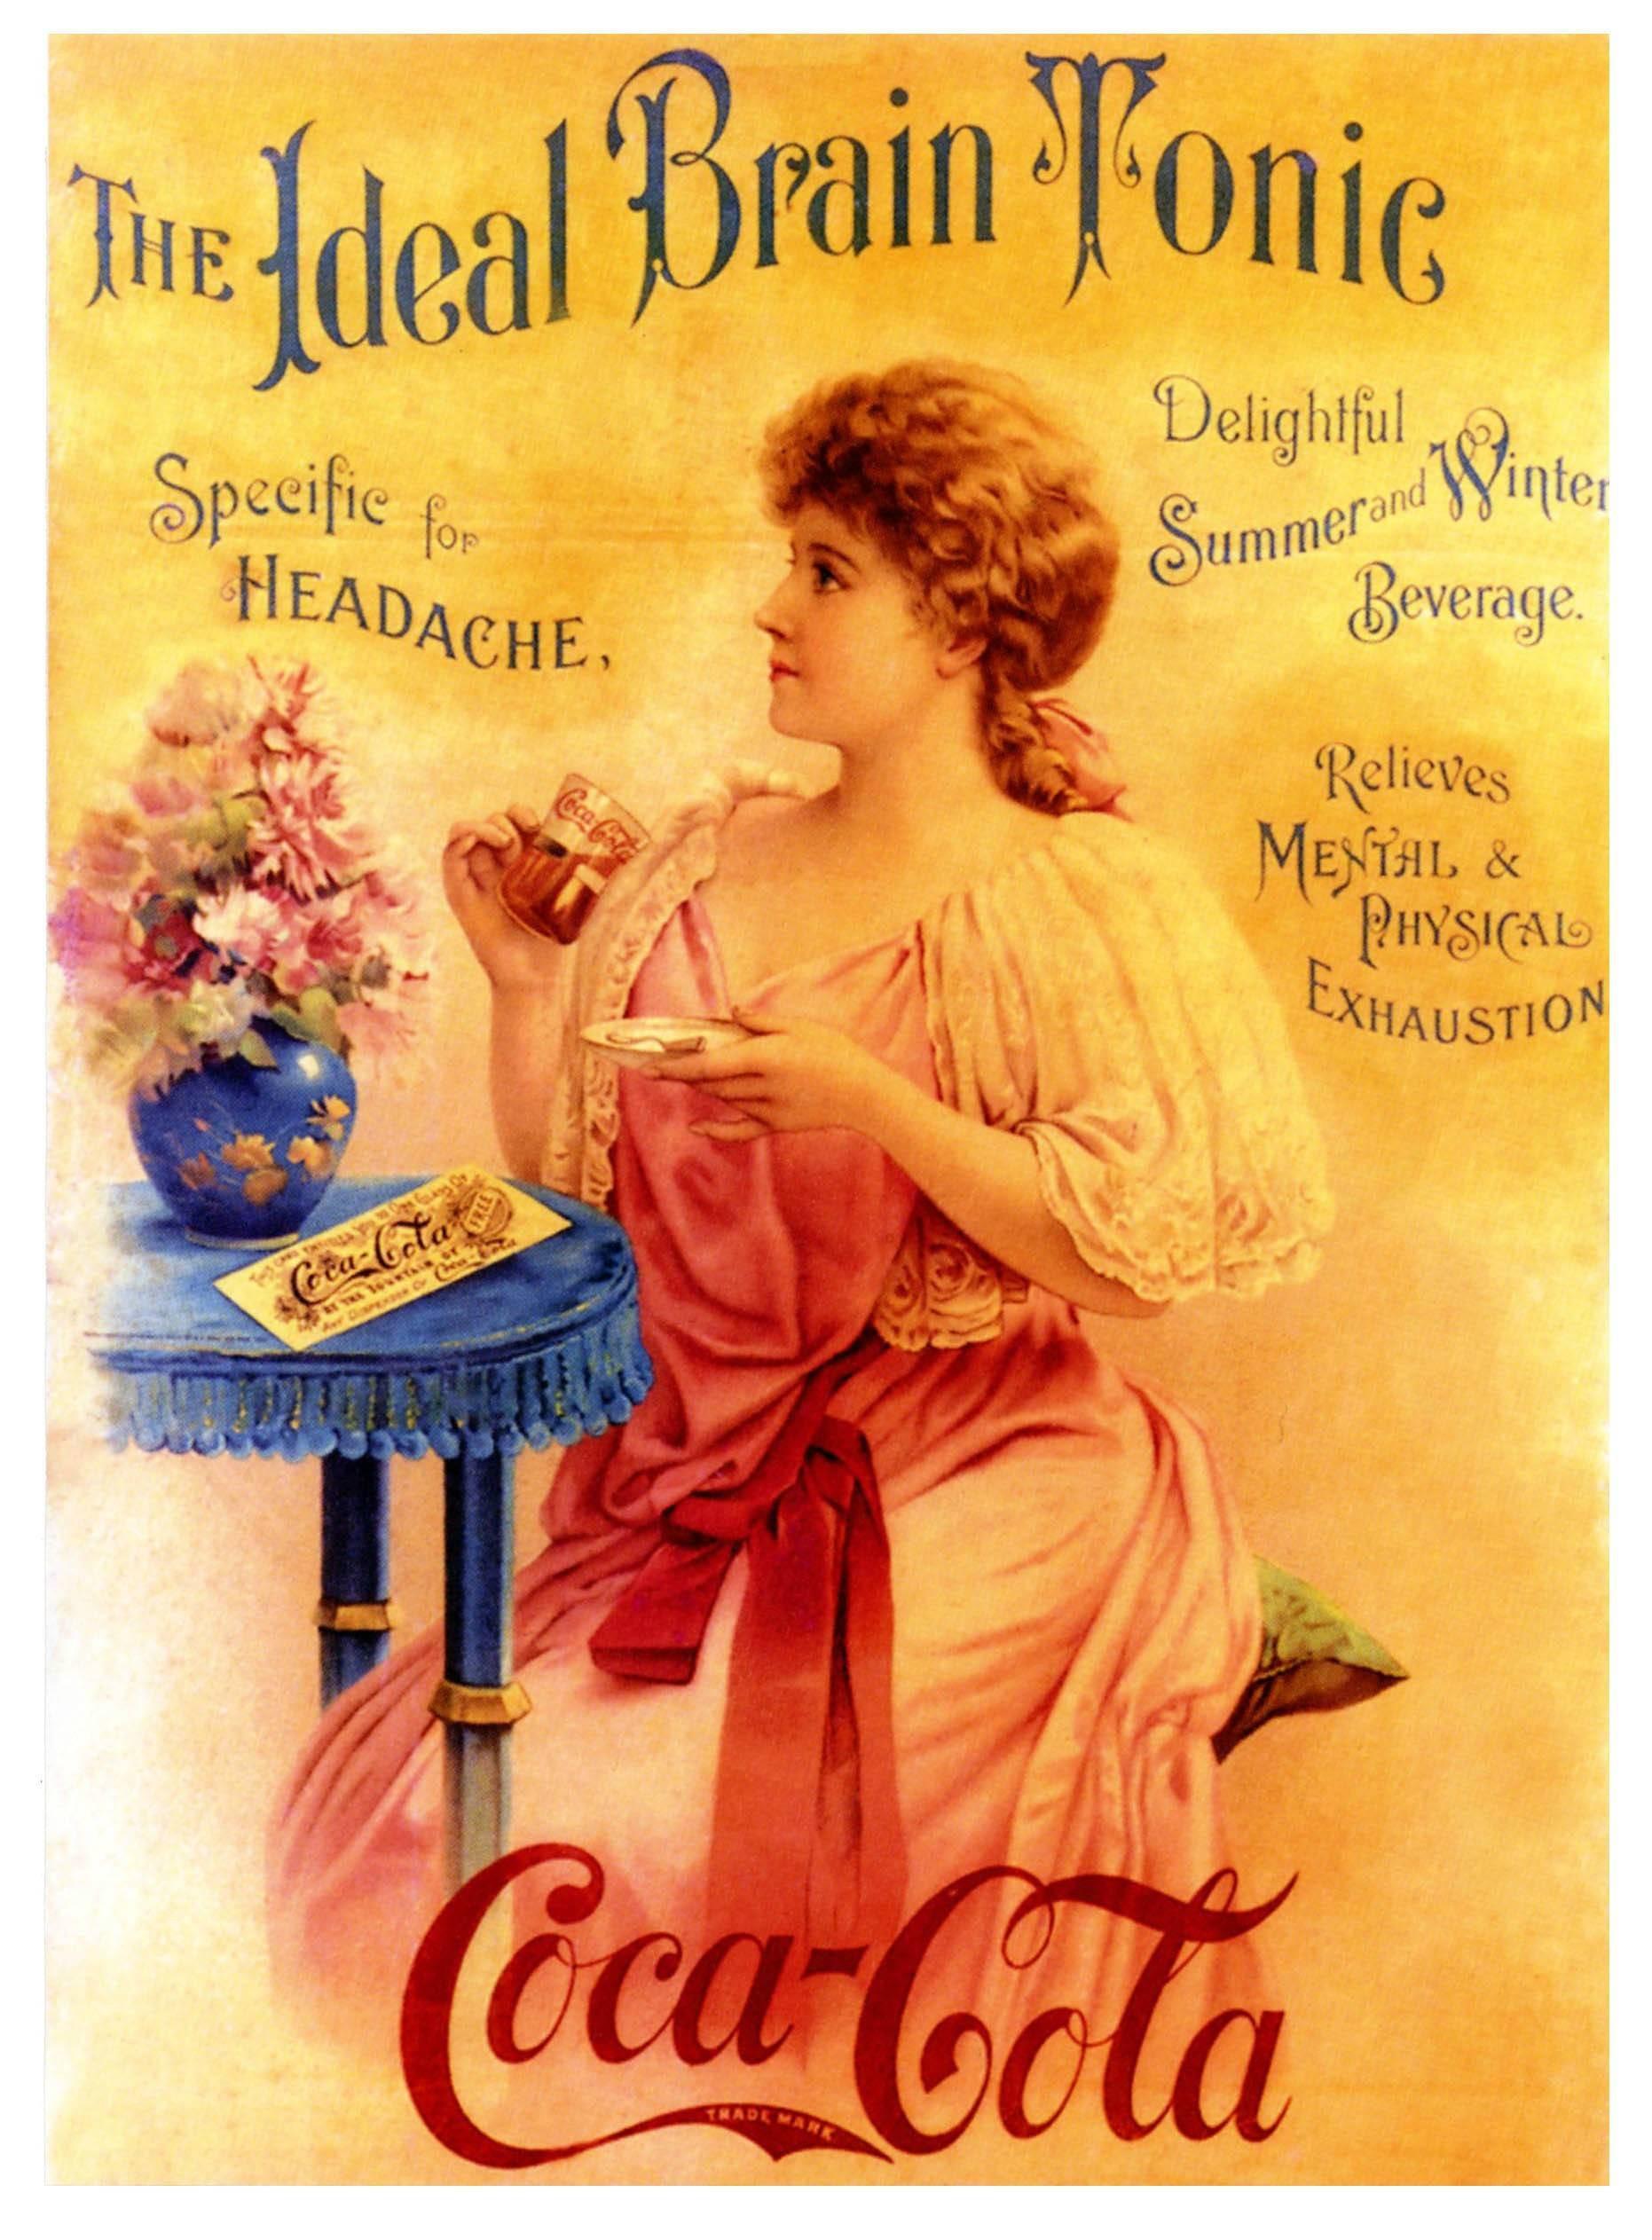 Cú rẽ bất ngờ: Coca và 7-Up từ thuốc đau đầu, thuốc an thần trở thành 2 thương hiệu giải khát đình đám như thế nào?-1